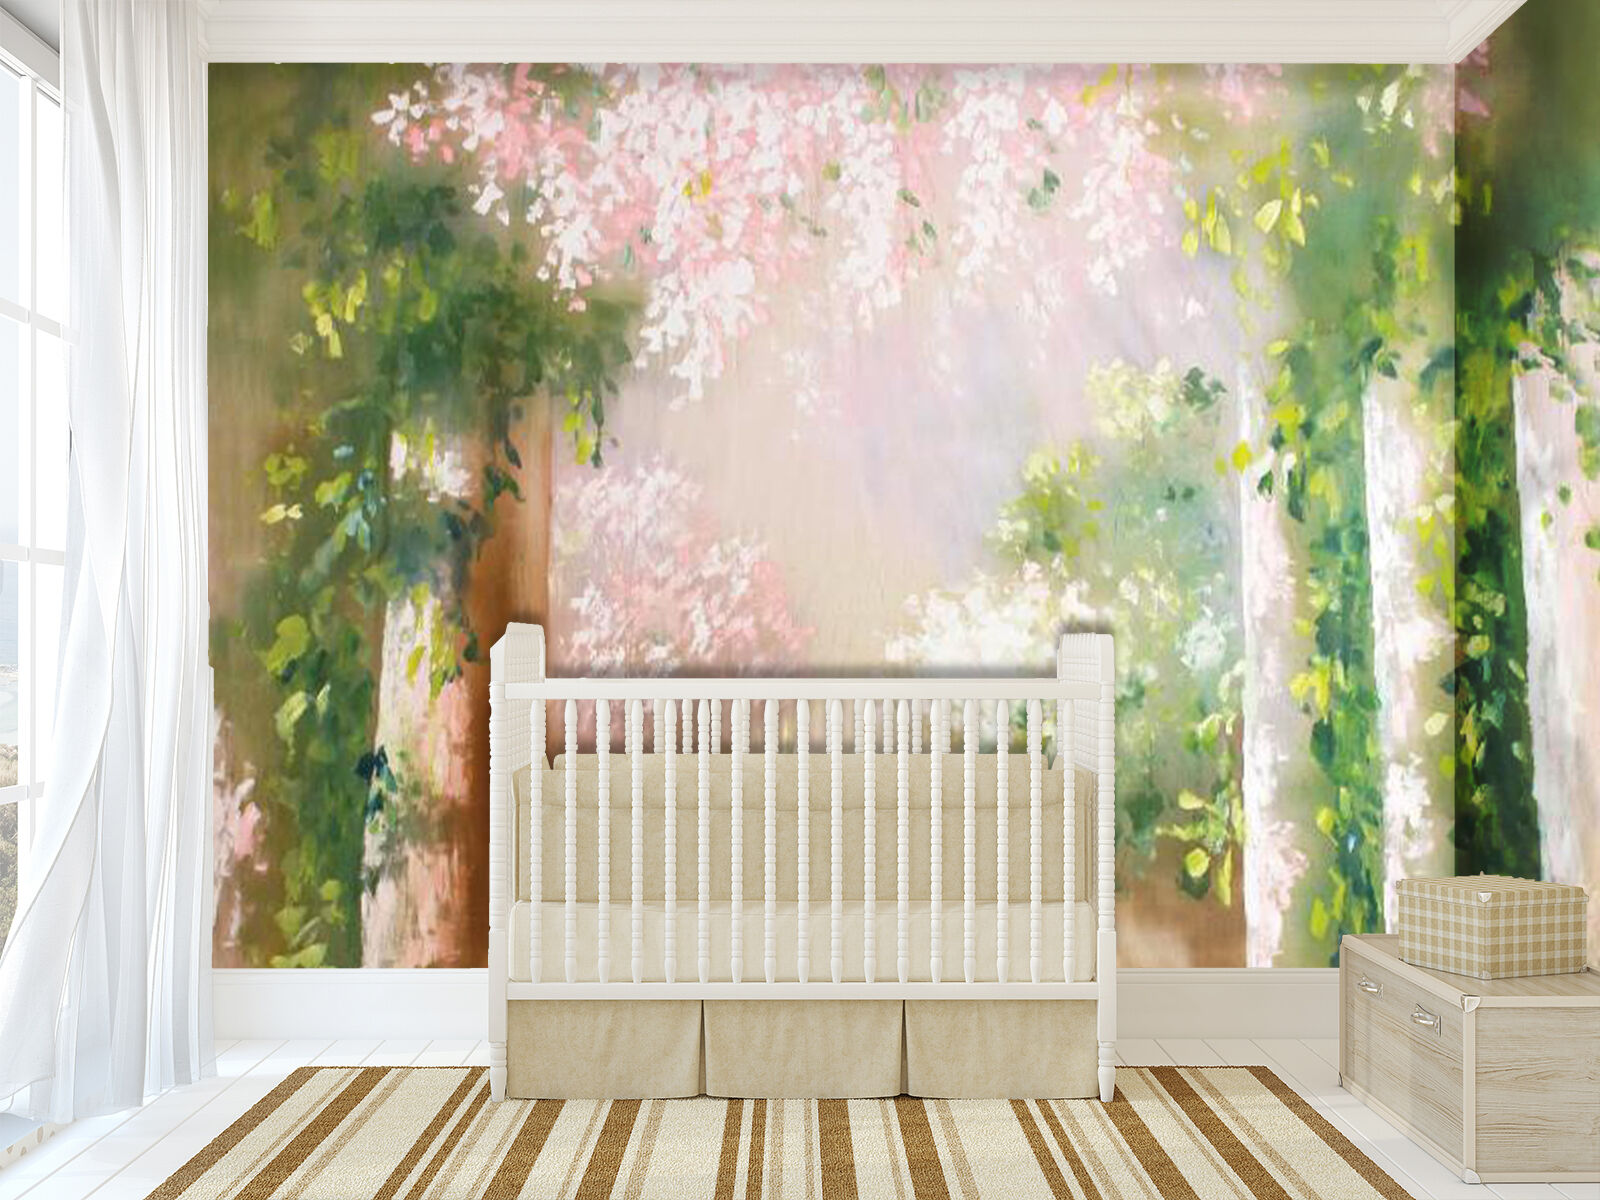 3D Ein Hauch von farbe 367 Fototapeten Wandbild Fototapete BildTapete Familie